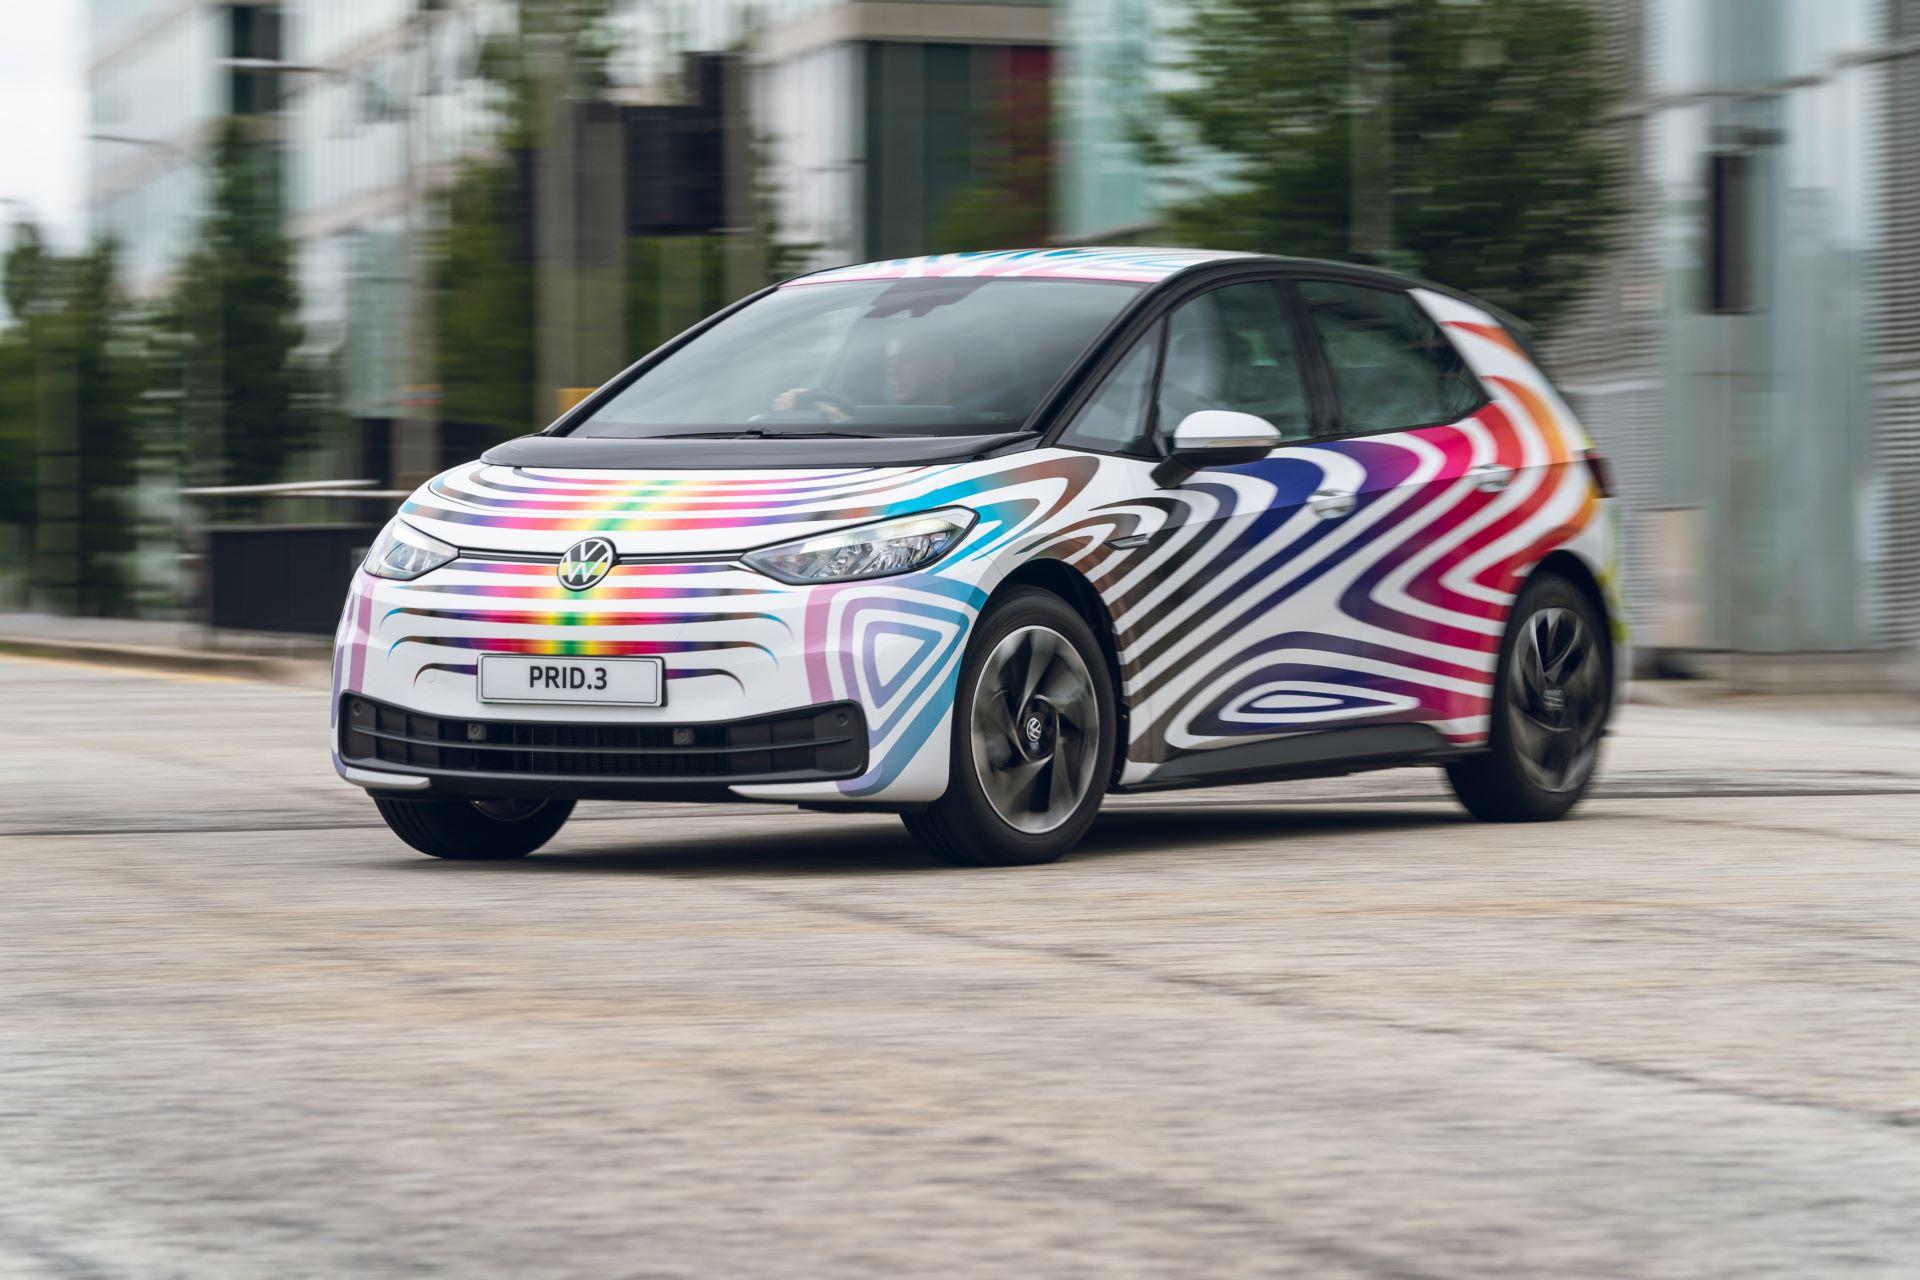 Volkswagen-PRID.3-5